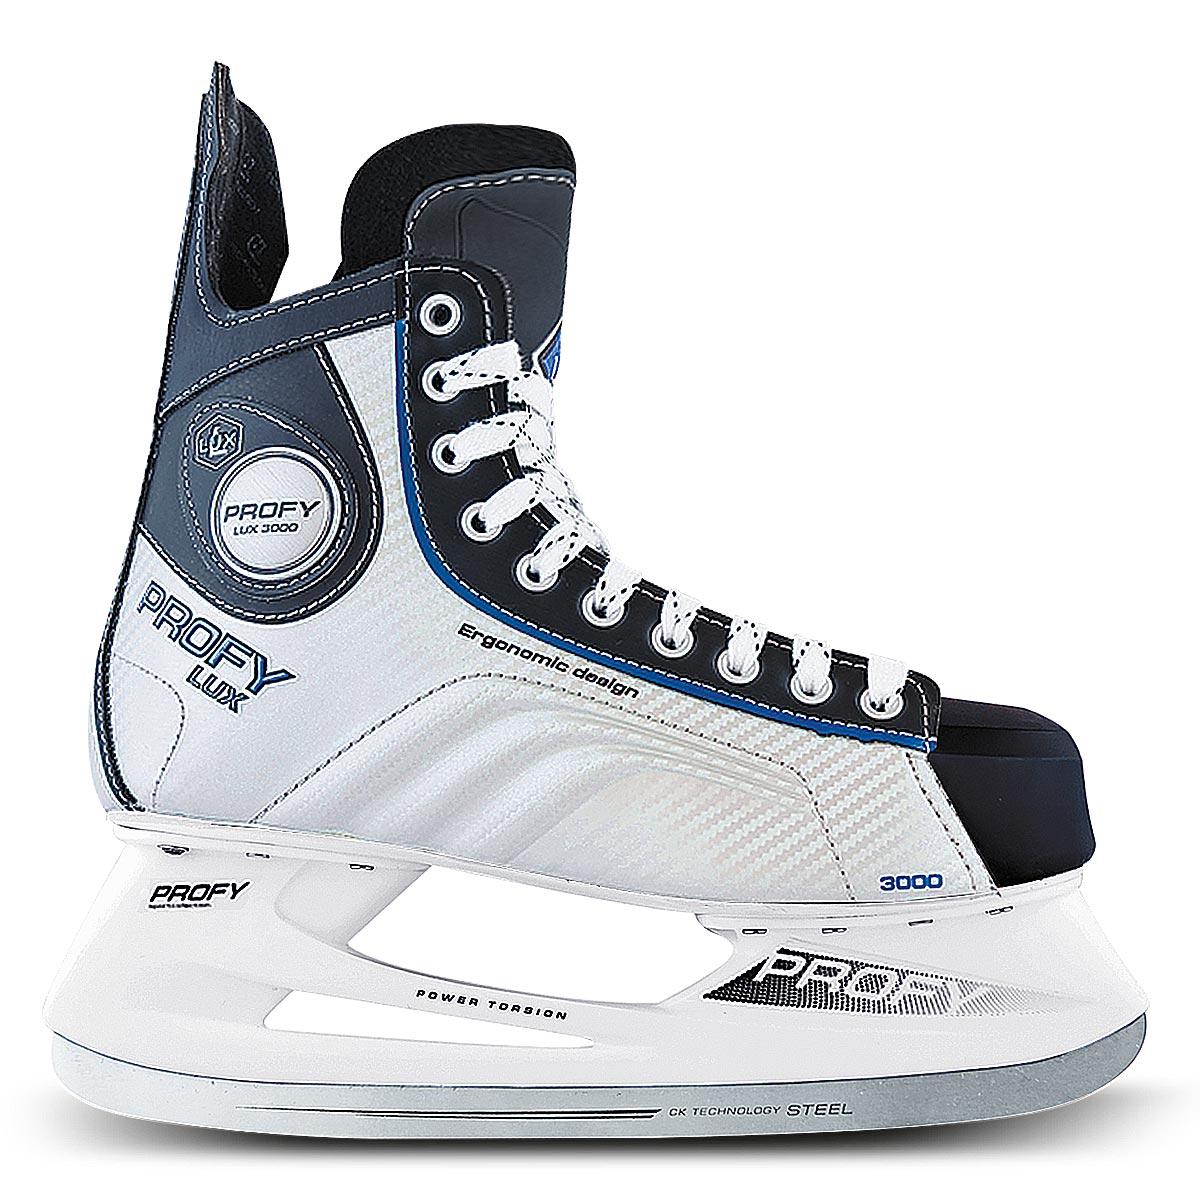 Коньки хоккейные мужские СК Profy Lux 3000, цвет: черный, серебряный, синий. Размер 38PROFY LUX 3000 Blue_38Стильные мужские коньки от CK Profy Lux 3000 Blue прекрасно подойдут для начинающих игроков в хоккей. Ботинок выполнен из морозоустойчивой искусственной кожи и резистентного ПВХ. Мыс дополнен вставкой, которая защитит ноги от ударов. Внутренний слой и стелька изготовлены из мягкого трикотажа, который обеспечит тепло и комфорт во время катания, язычок - из войлока. Плотная шнуровка надежно фиксирует модель на ноге. Голеностоп имеет удобный суппорт. По бокам, на язычке и заднике коньки декорированы принтом и тиснением в виде логотипа бренда. Подошва - из твердого пластика. Стойка выполнена из ударопрочного поливинилхлорида. Лезвие из углеродистой нержавеющей стали обеспечит превосходное скольжение.